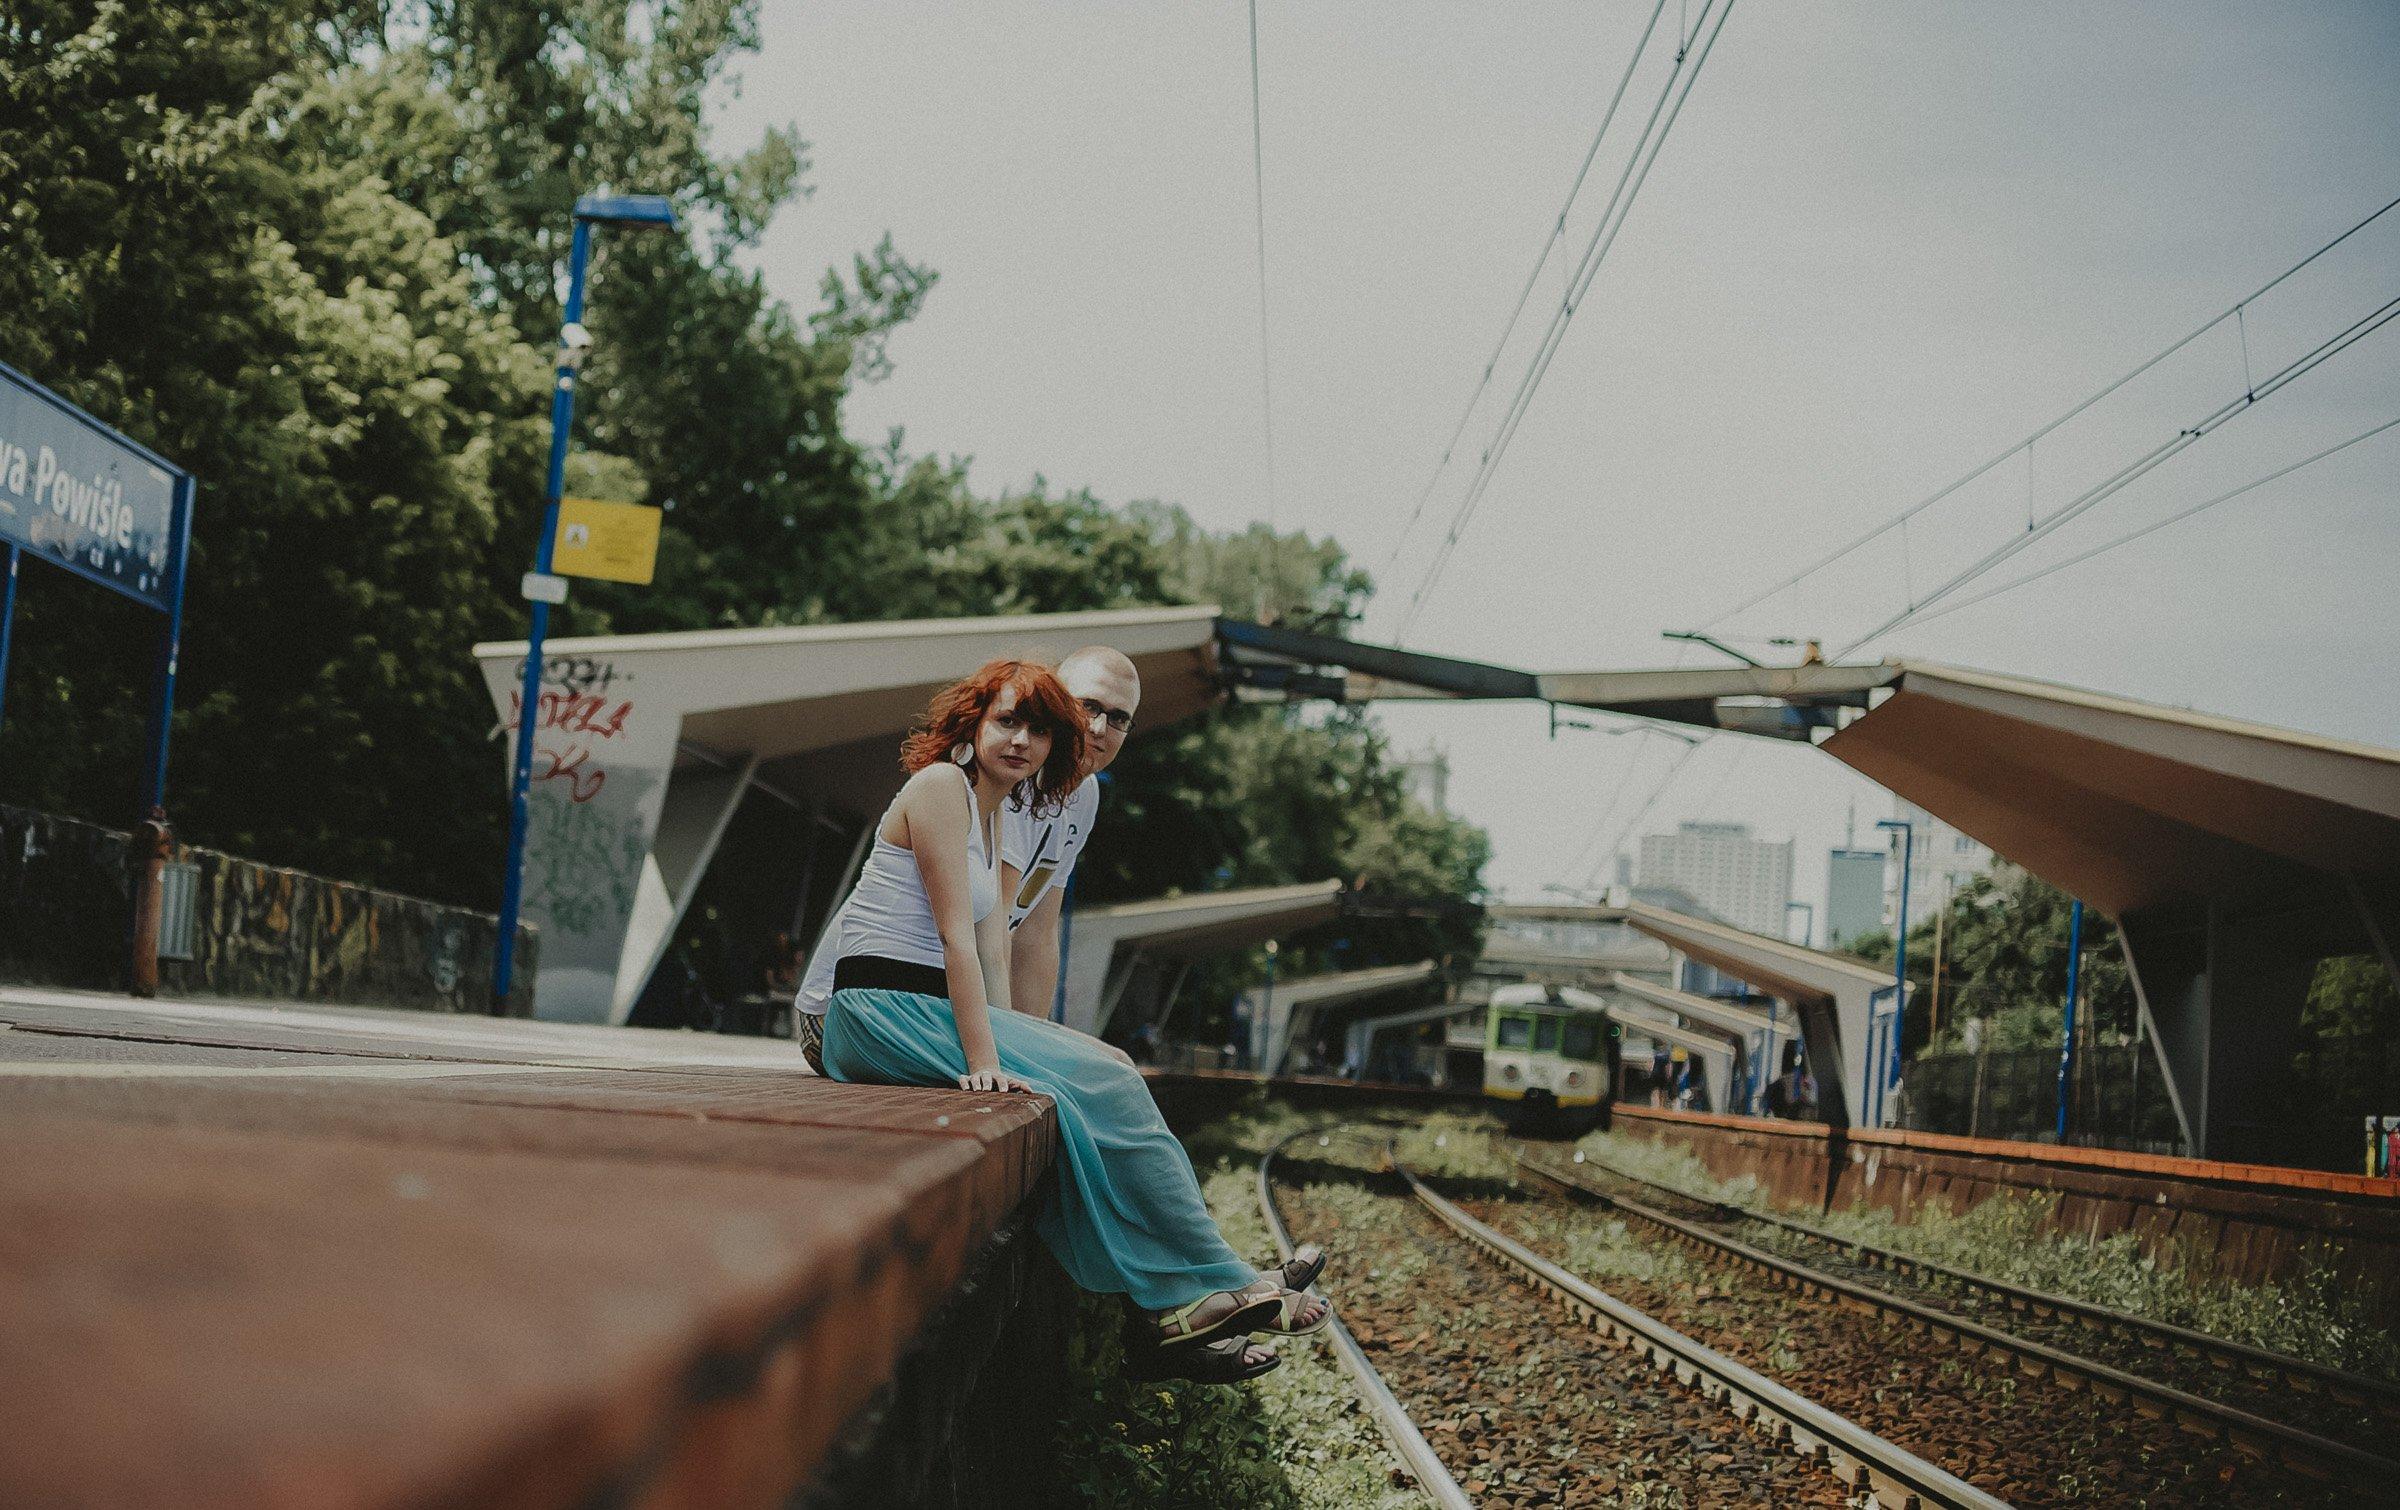 stacja warszawa powiśle